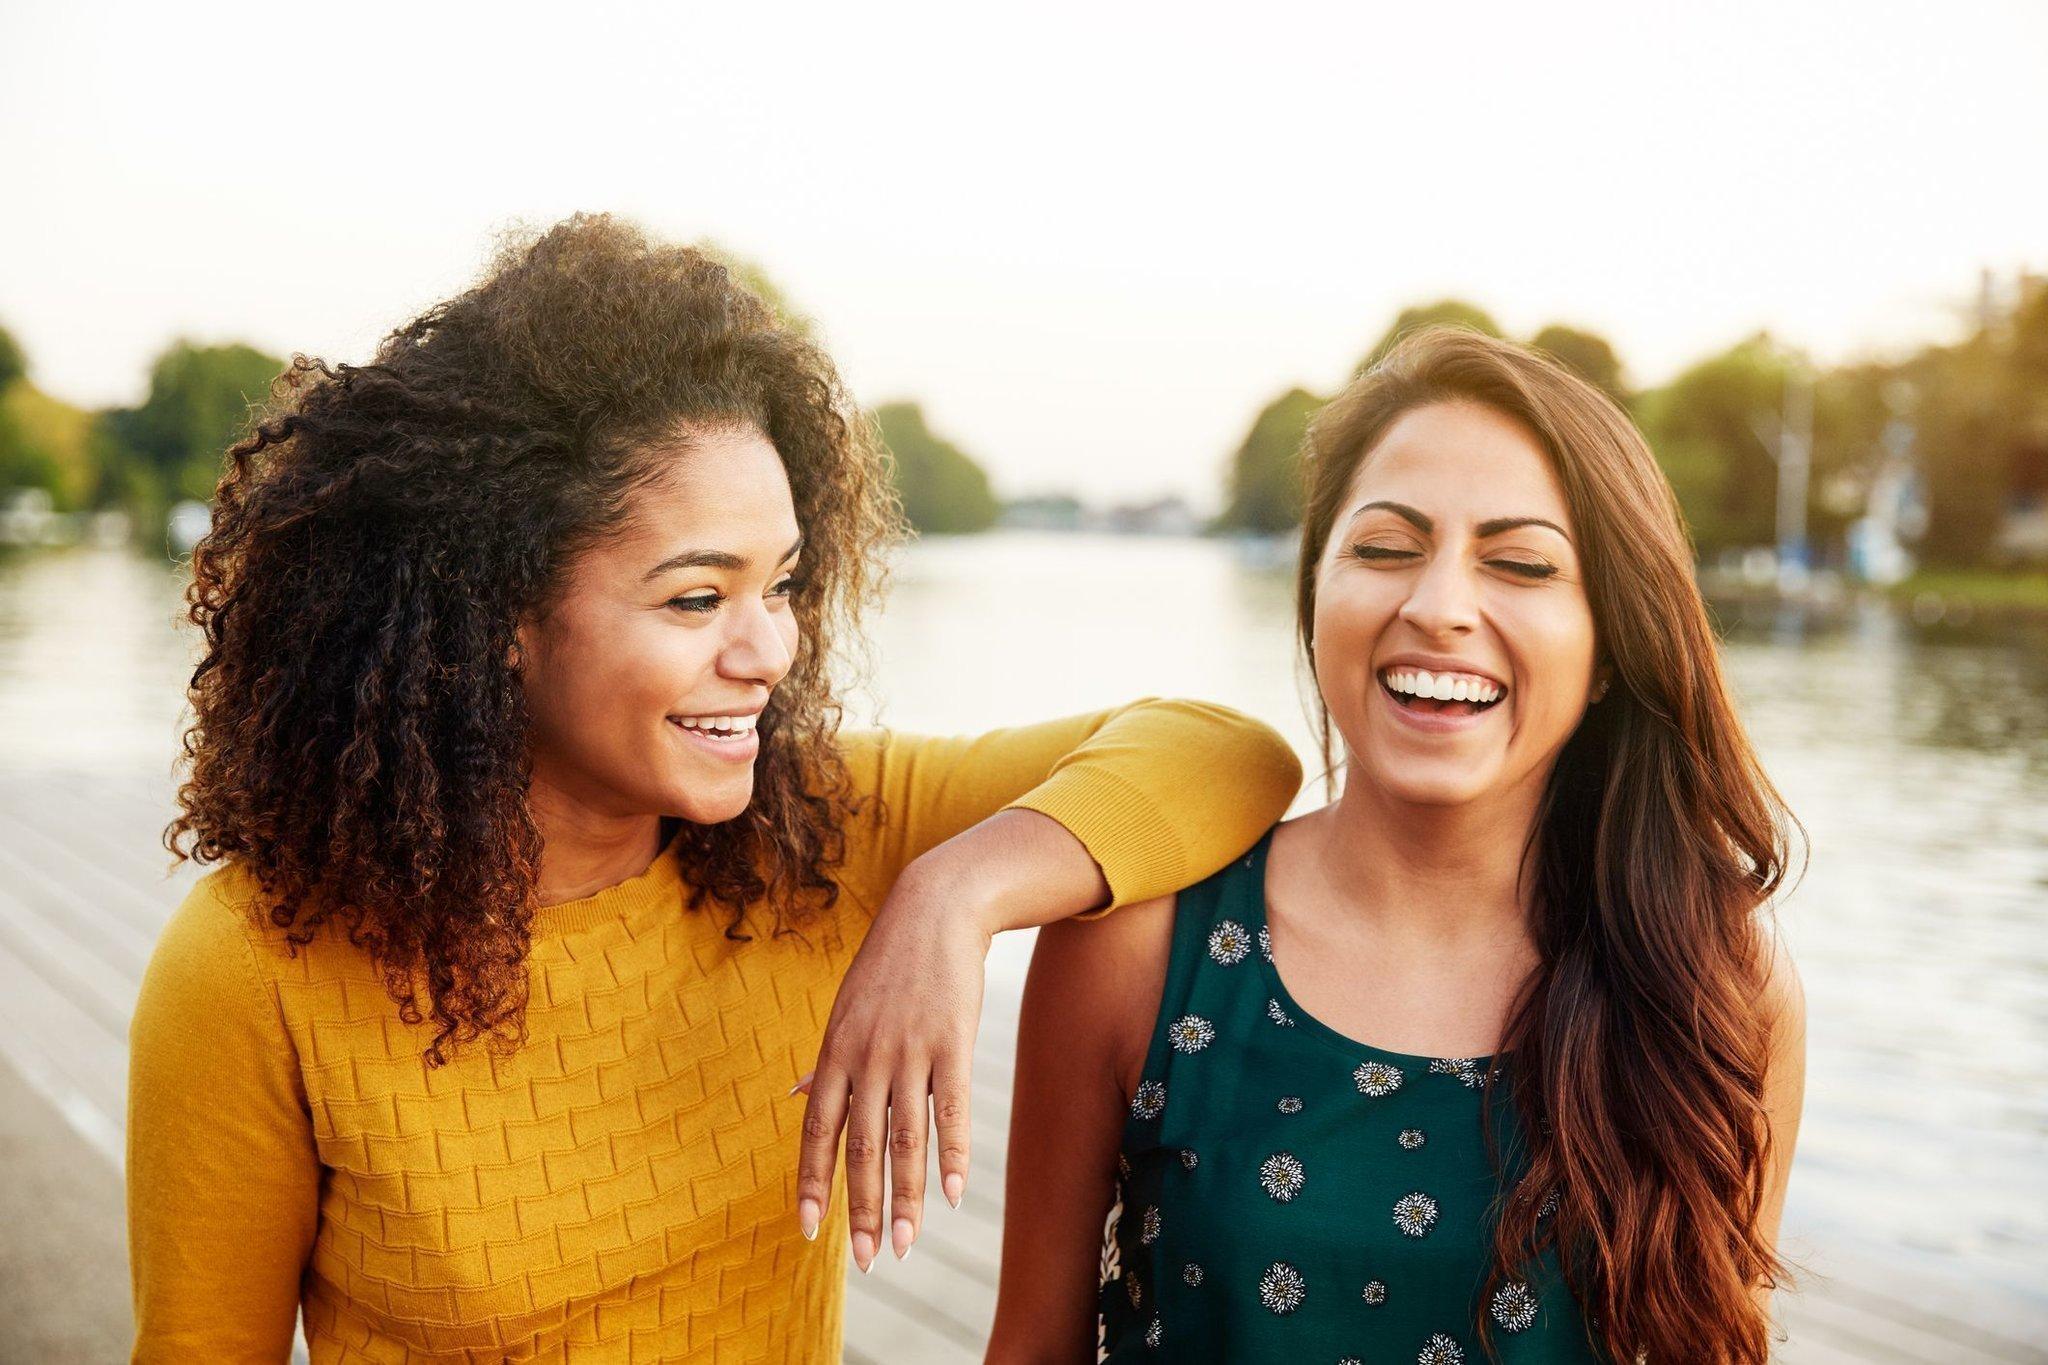 Белая магия приворот на дружбу